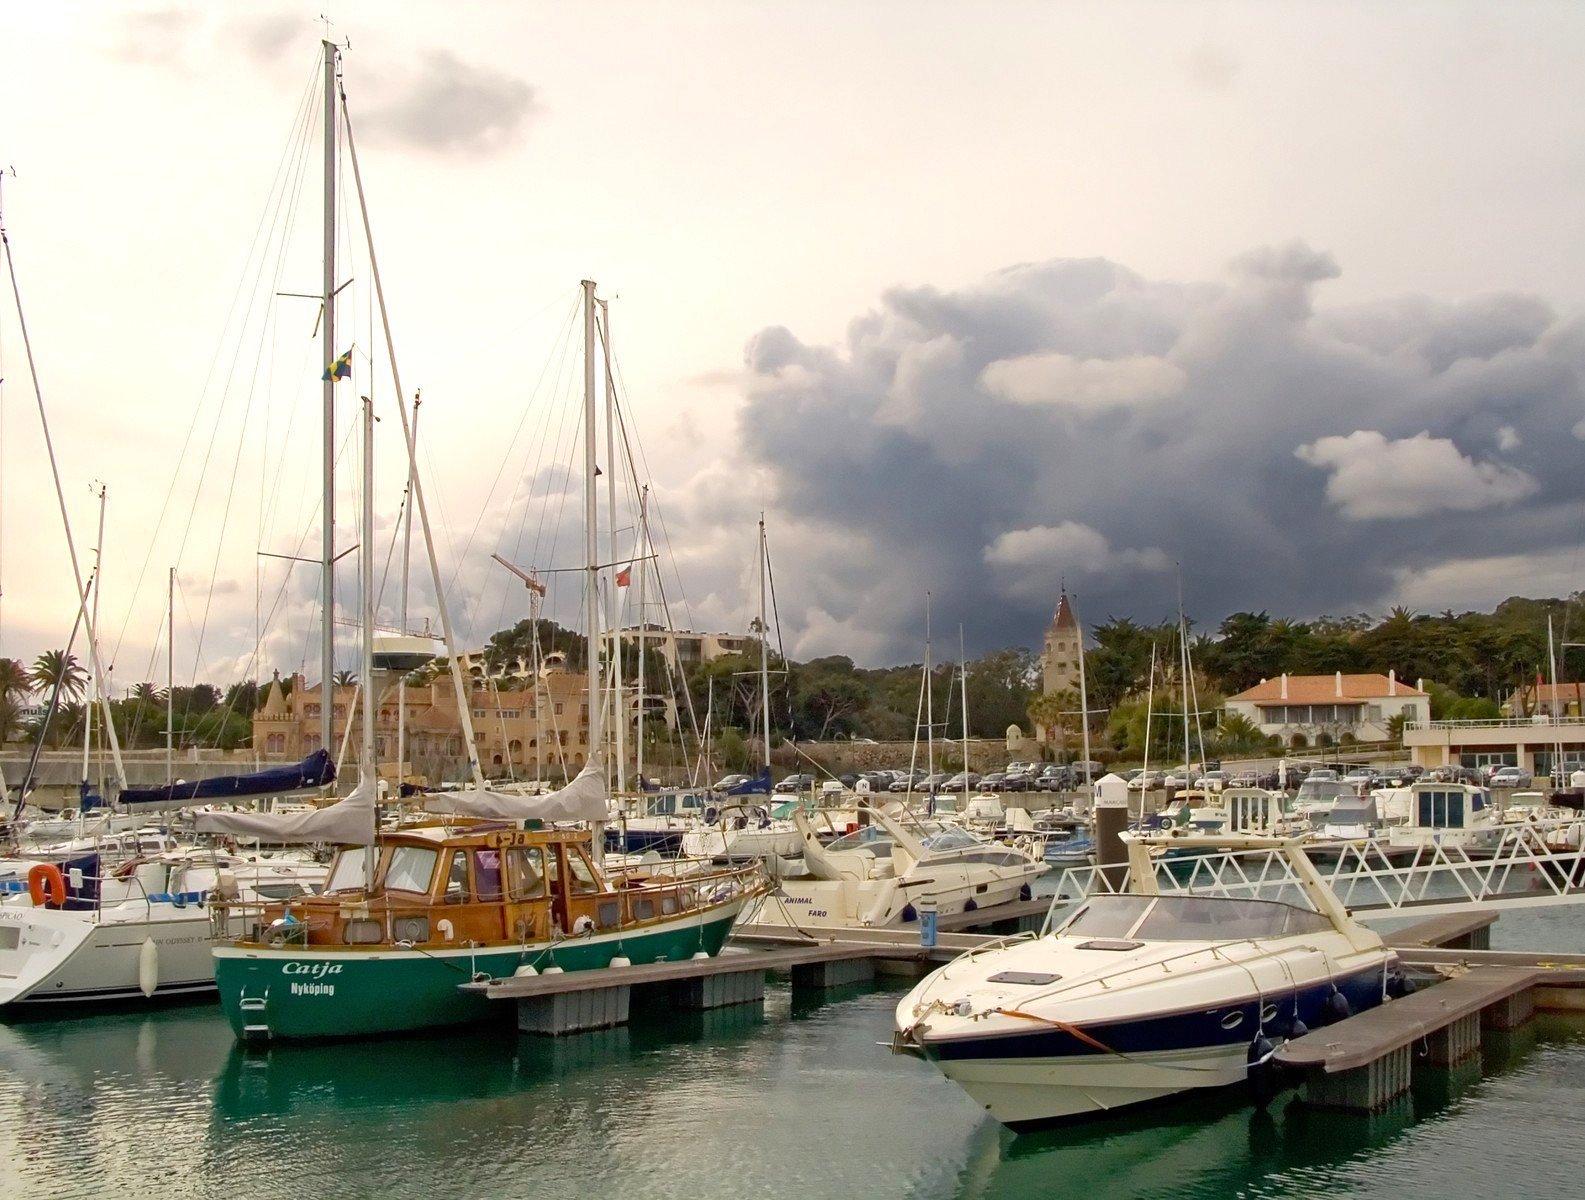 Marina de Cascais, Portugal. Foto: freeimages